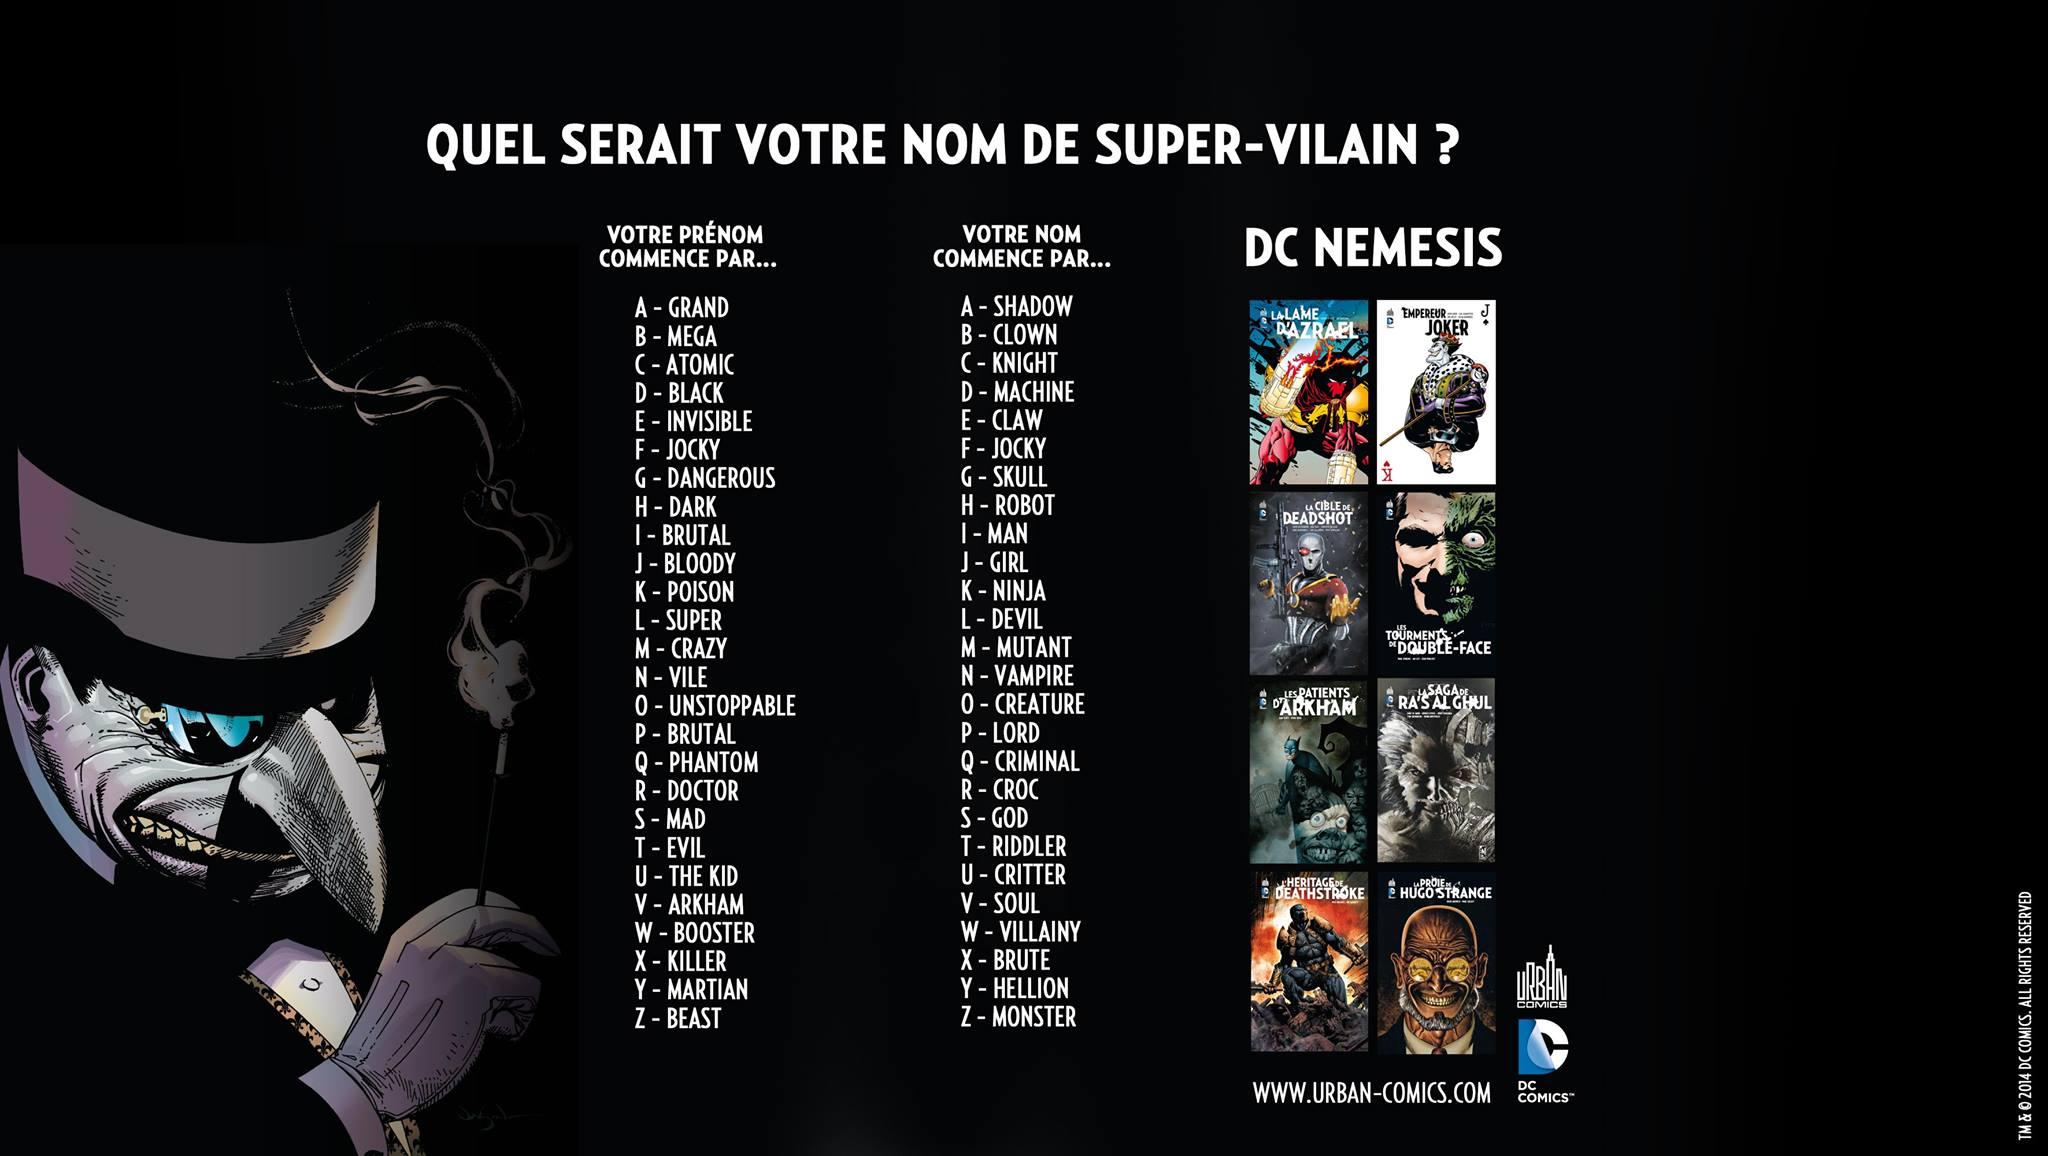 Votre nom de Super-Vilain Nomsupervilain-4666b7e